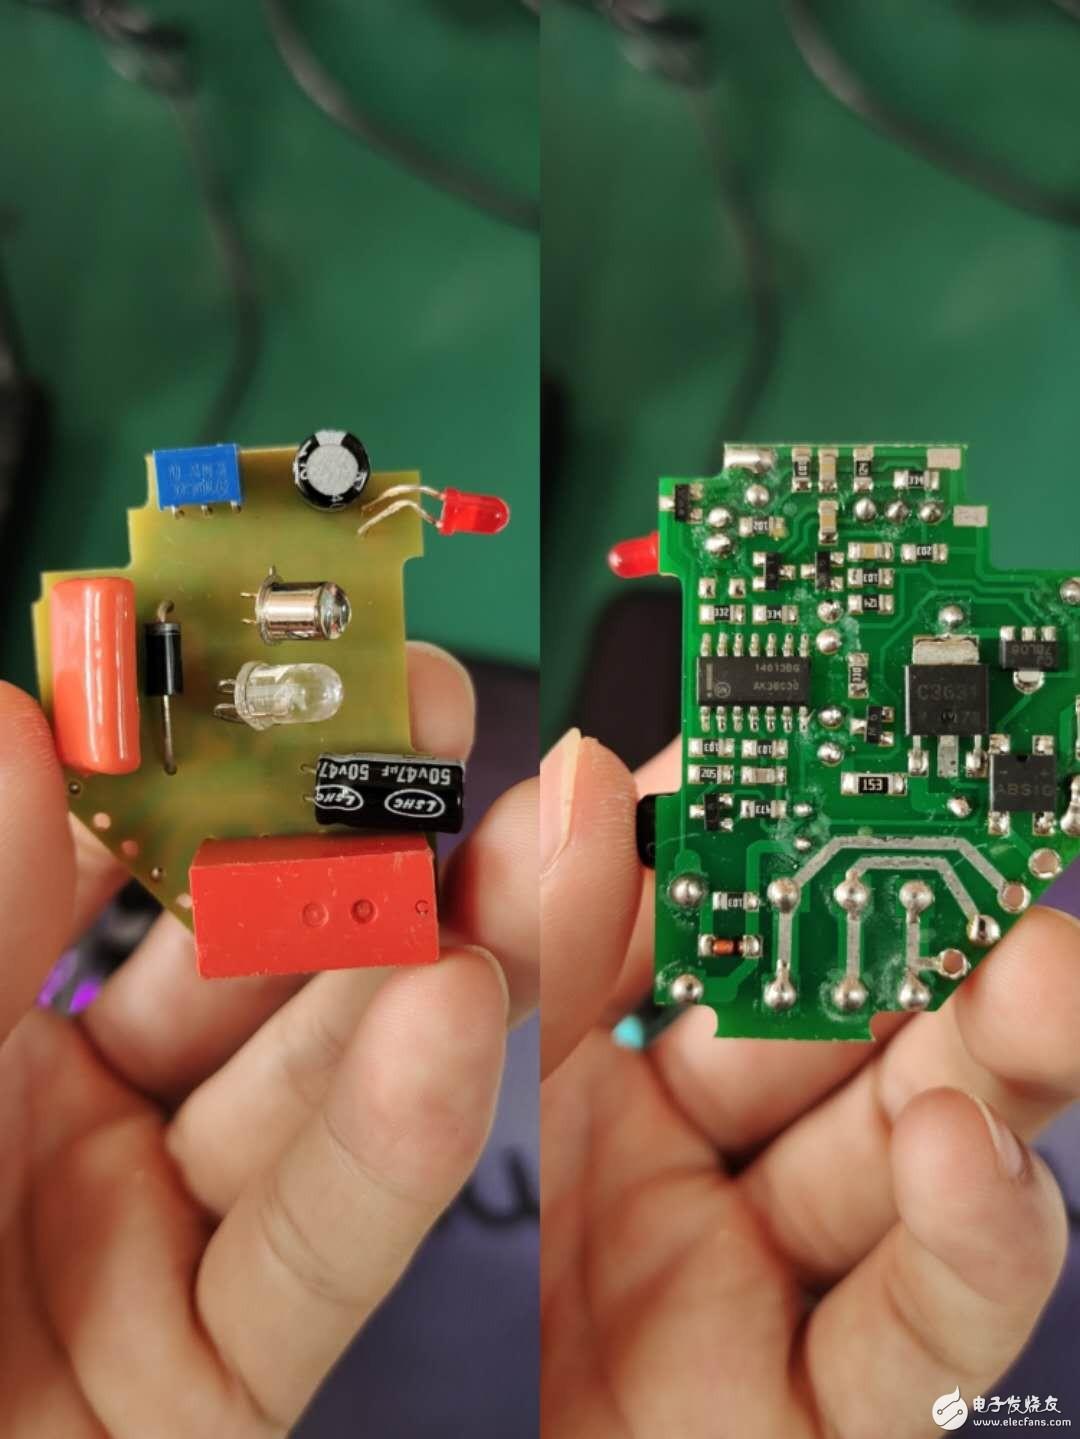 光电开关如何修改让感应距离变远